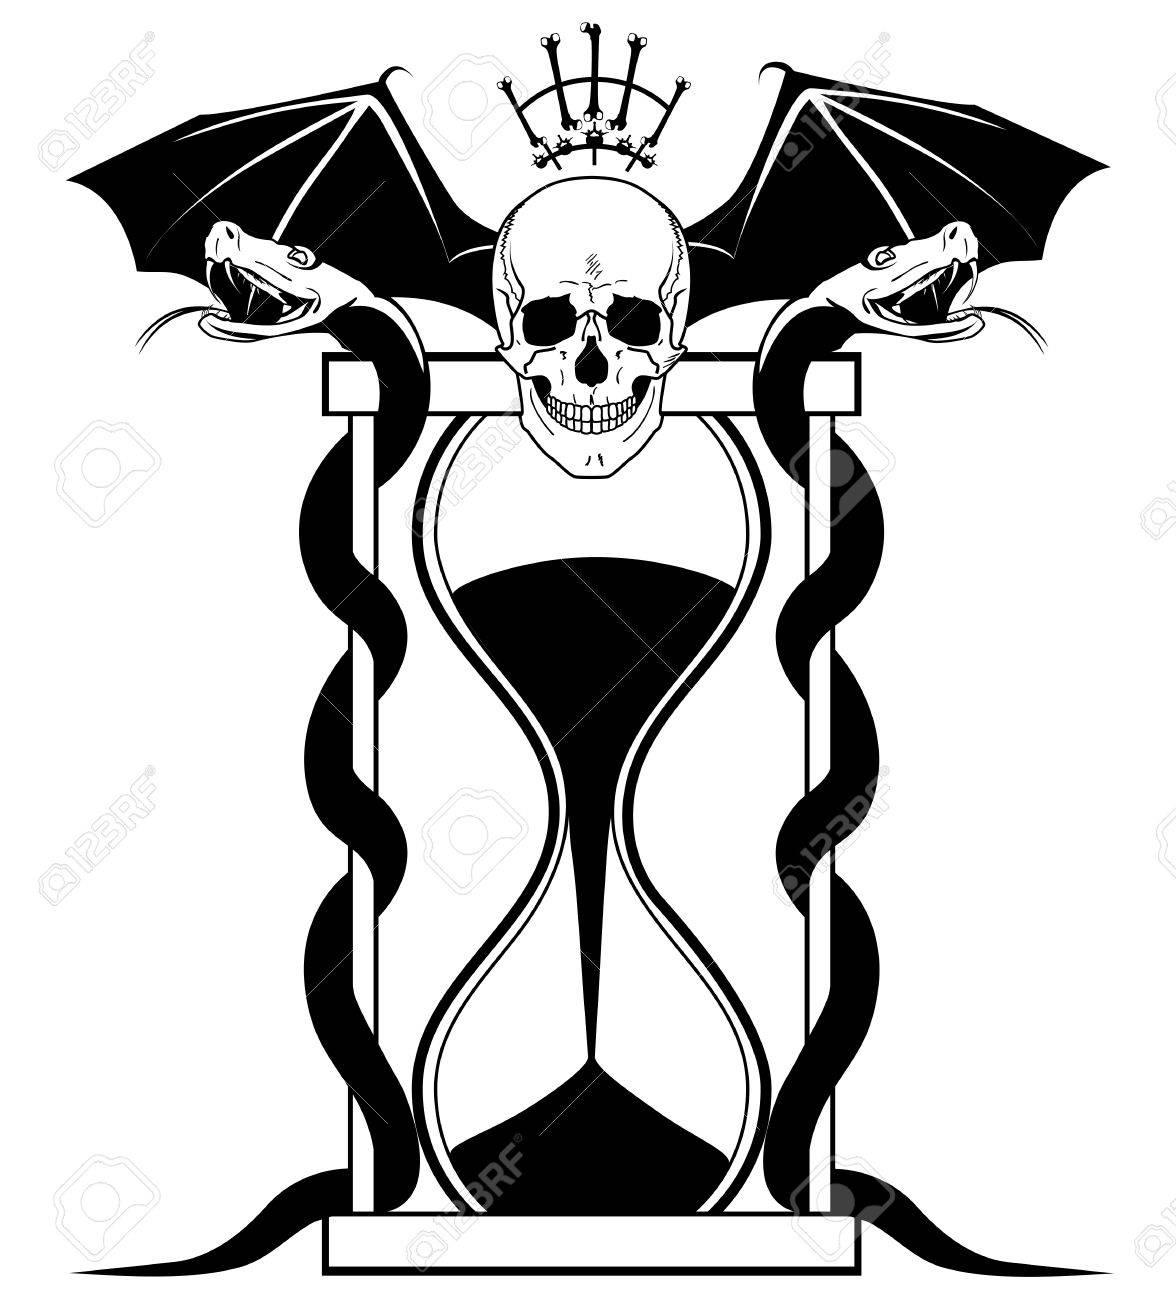 Ilustración Vectorial Con El Cráneo Serpientes Y Reloj De Arena En